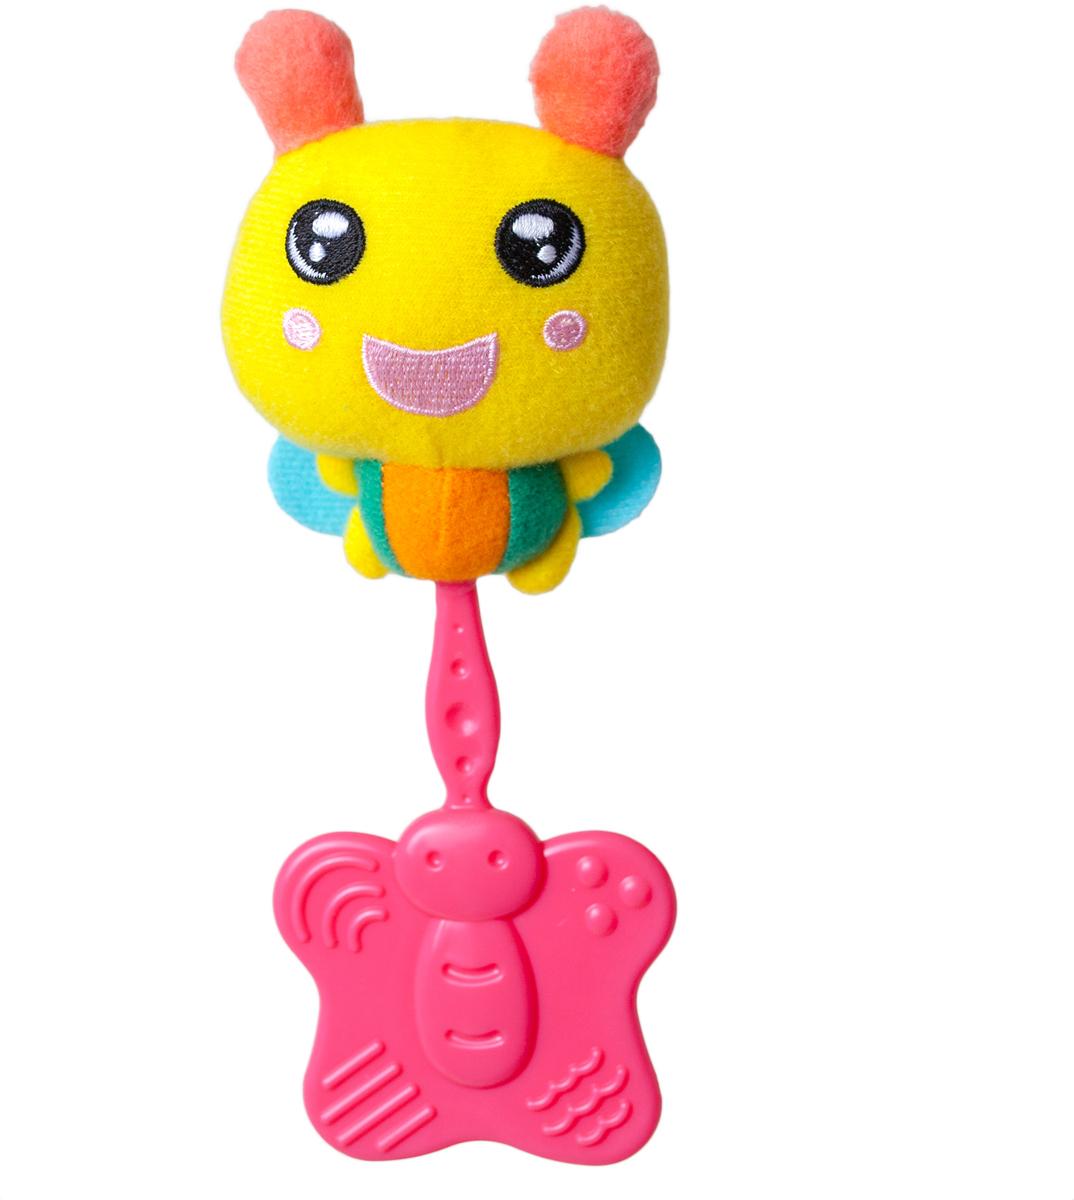 People Развивающая игрушка для зубов игрушки 6 месяцев для мальчика